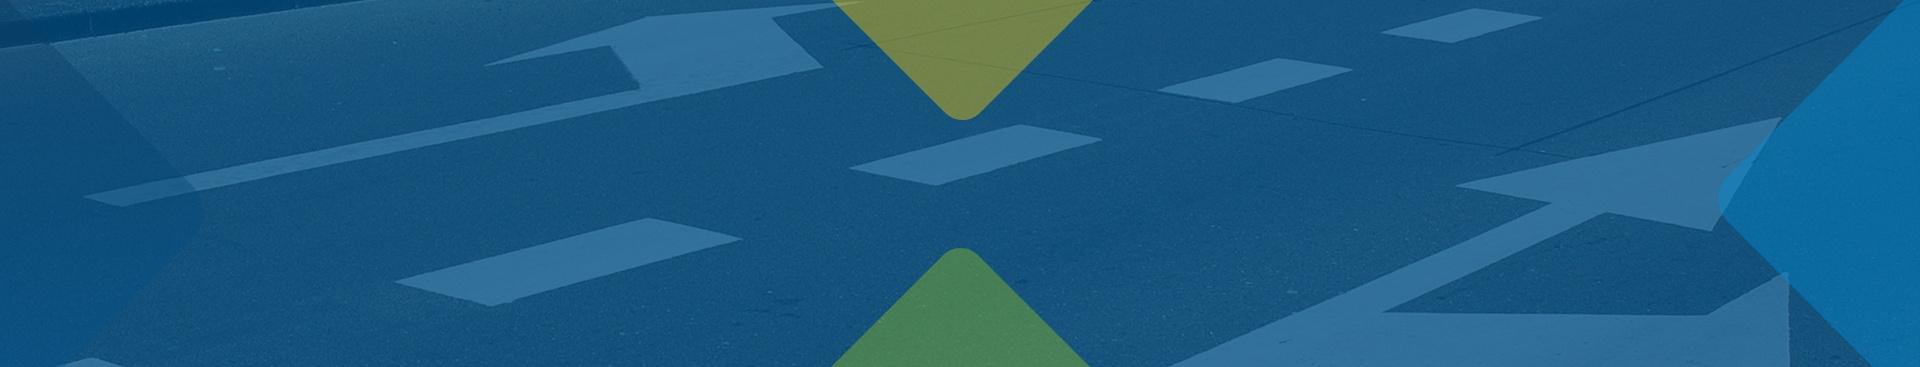 banner4-3.jpg